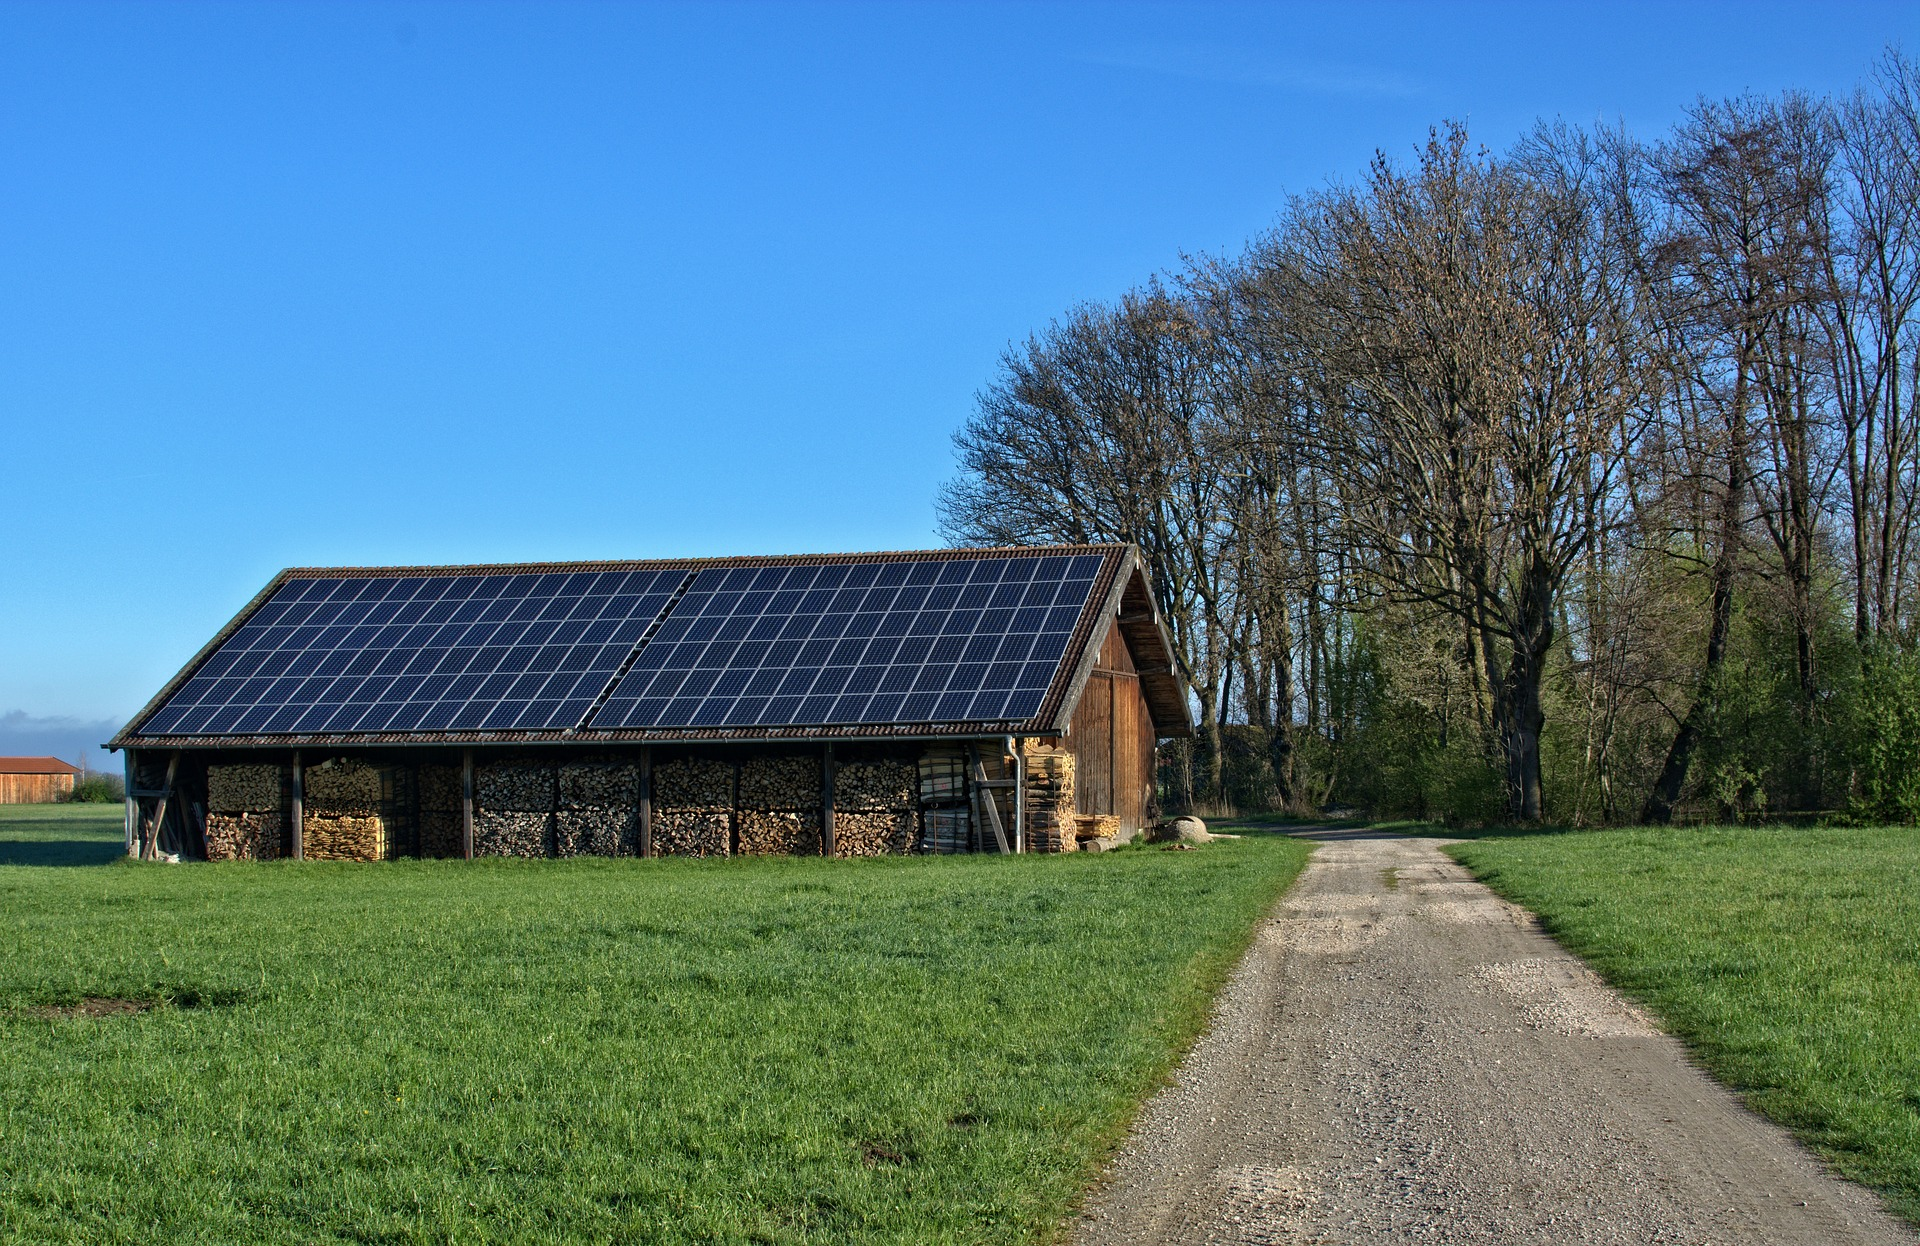 Eficiencia eléctrica: paneles solares en un entorno natural.